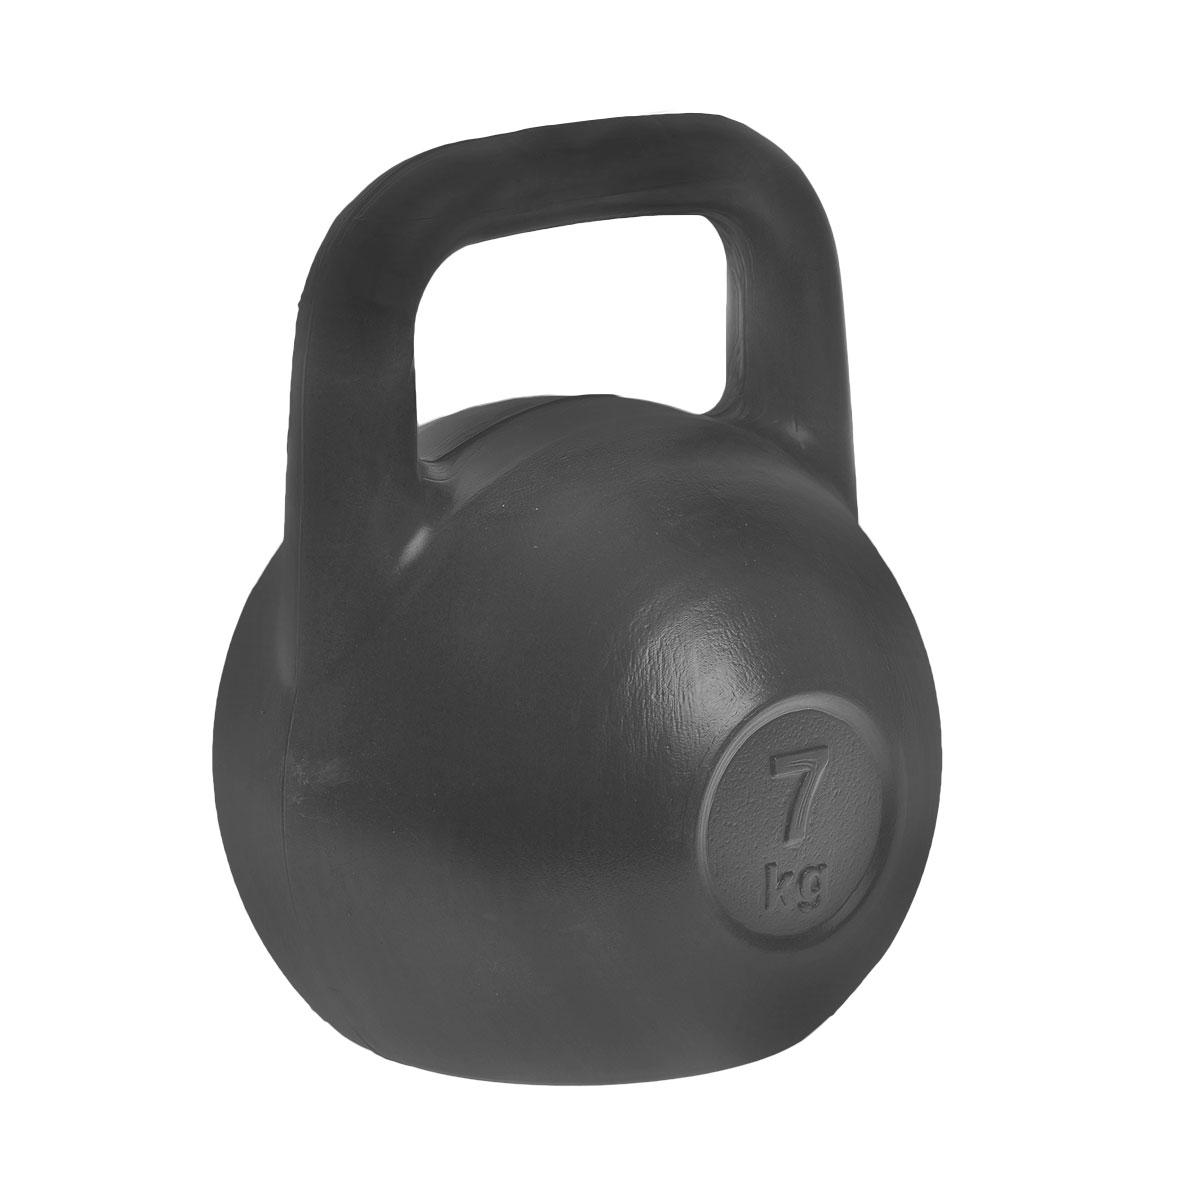 Гиря Евро-Классик, цвет: черный, 7 кгУТ-00009566Гиря Евро-Классик выполнена из прочного пластика с наполнителем из цемента. Эргономичная рукоятка не скользит в руке, обеспечивая надежный хват.Специальная конструкция гири значительно уменьшает риск получения спортсменом травмы.Гири - это самое простое и самое гениальное спортивное оборудование дляразвития мышечной массы. Правильно поставленные тренировки с нимипозволяют не только нарастить мышечную массу, но и развить повышеннуювыносливость, укрепляют сердечнососудистую систему и костно-мышечныйаппарат. Вес гири: 7 кг.